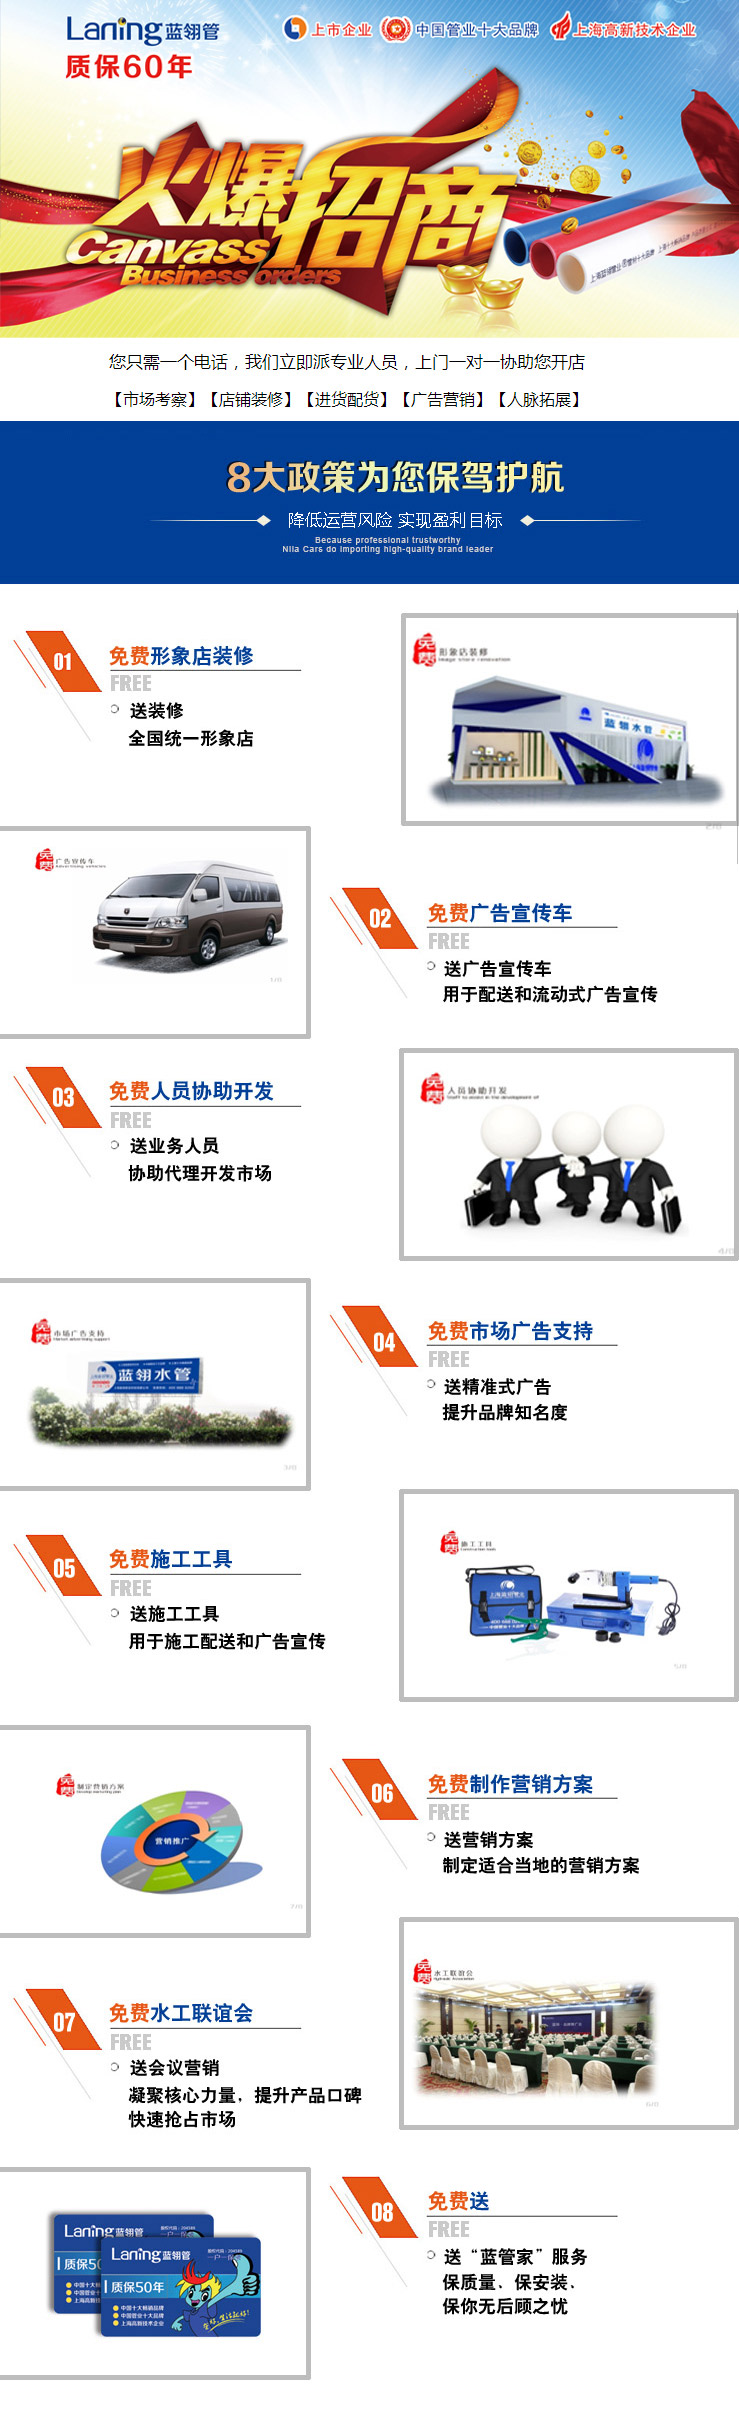 93936太阳城网站